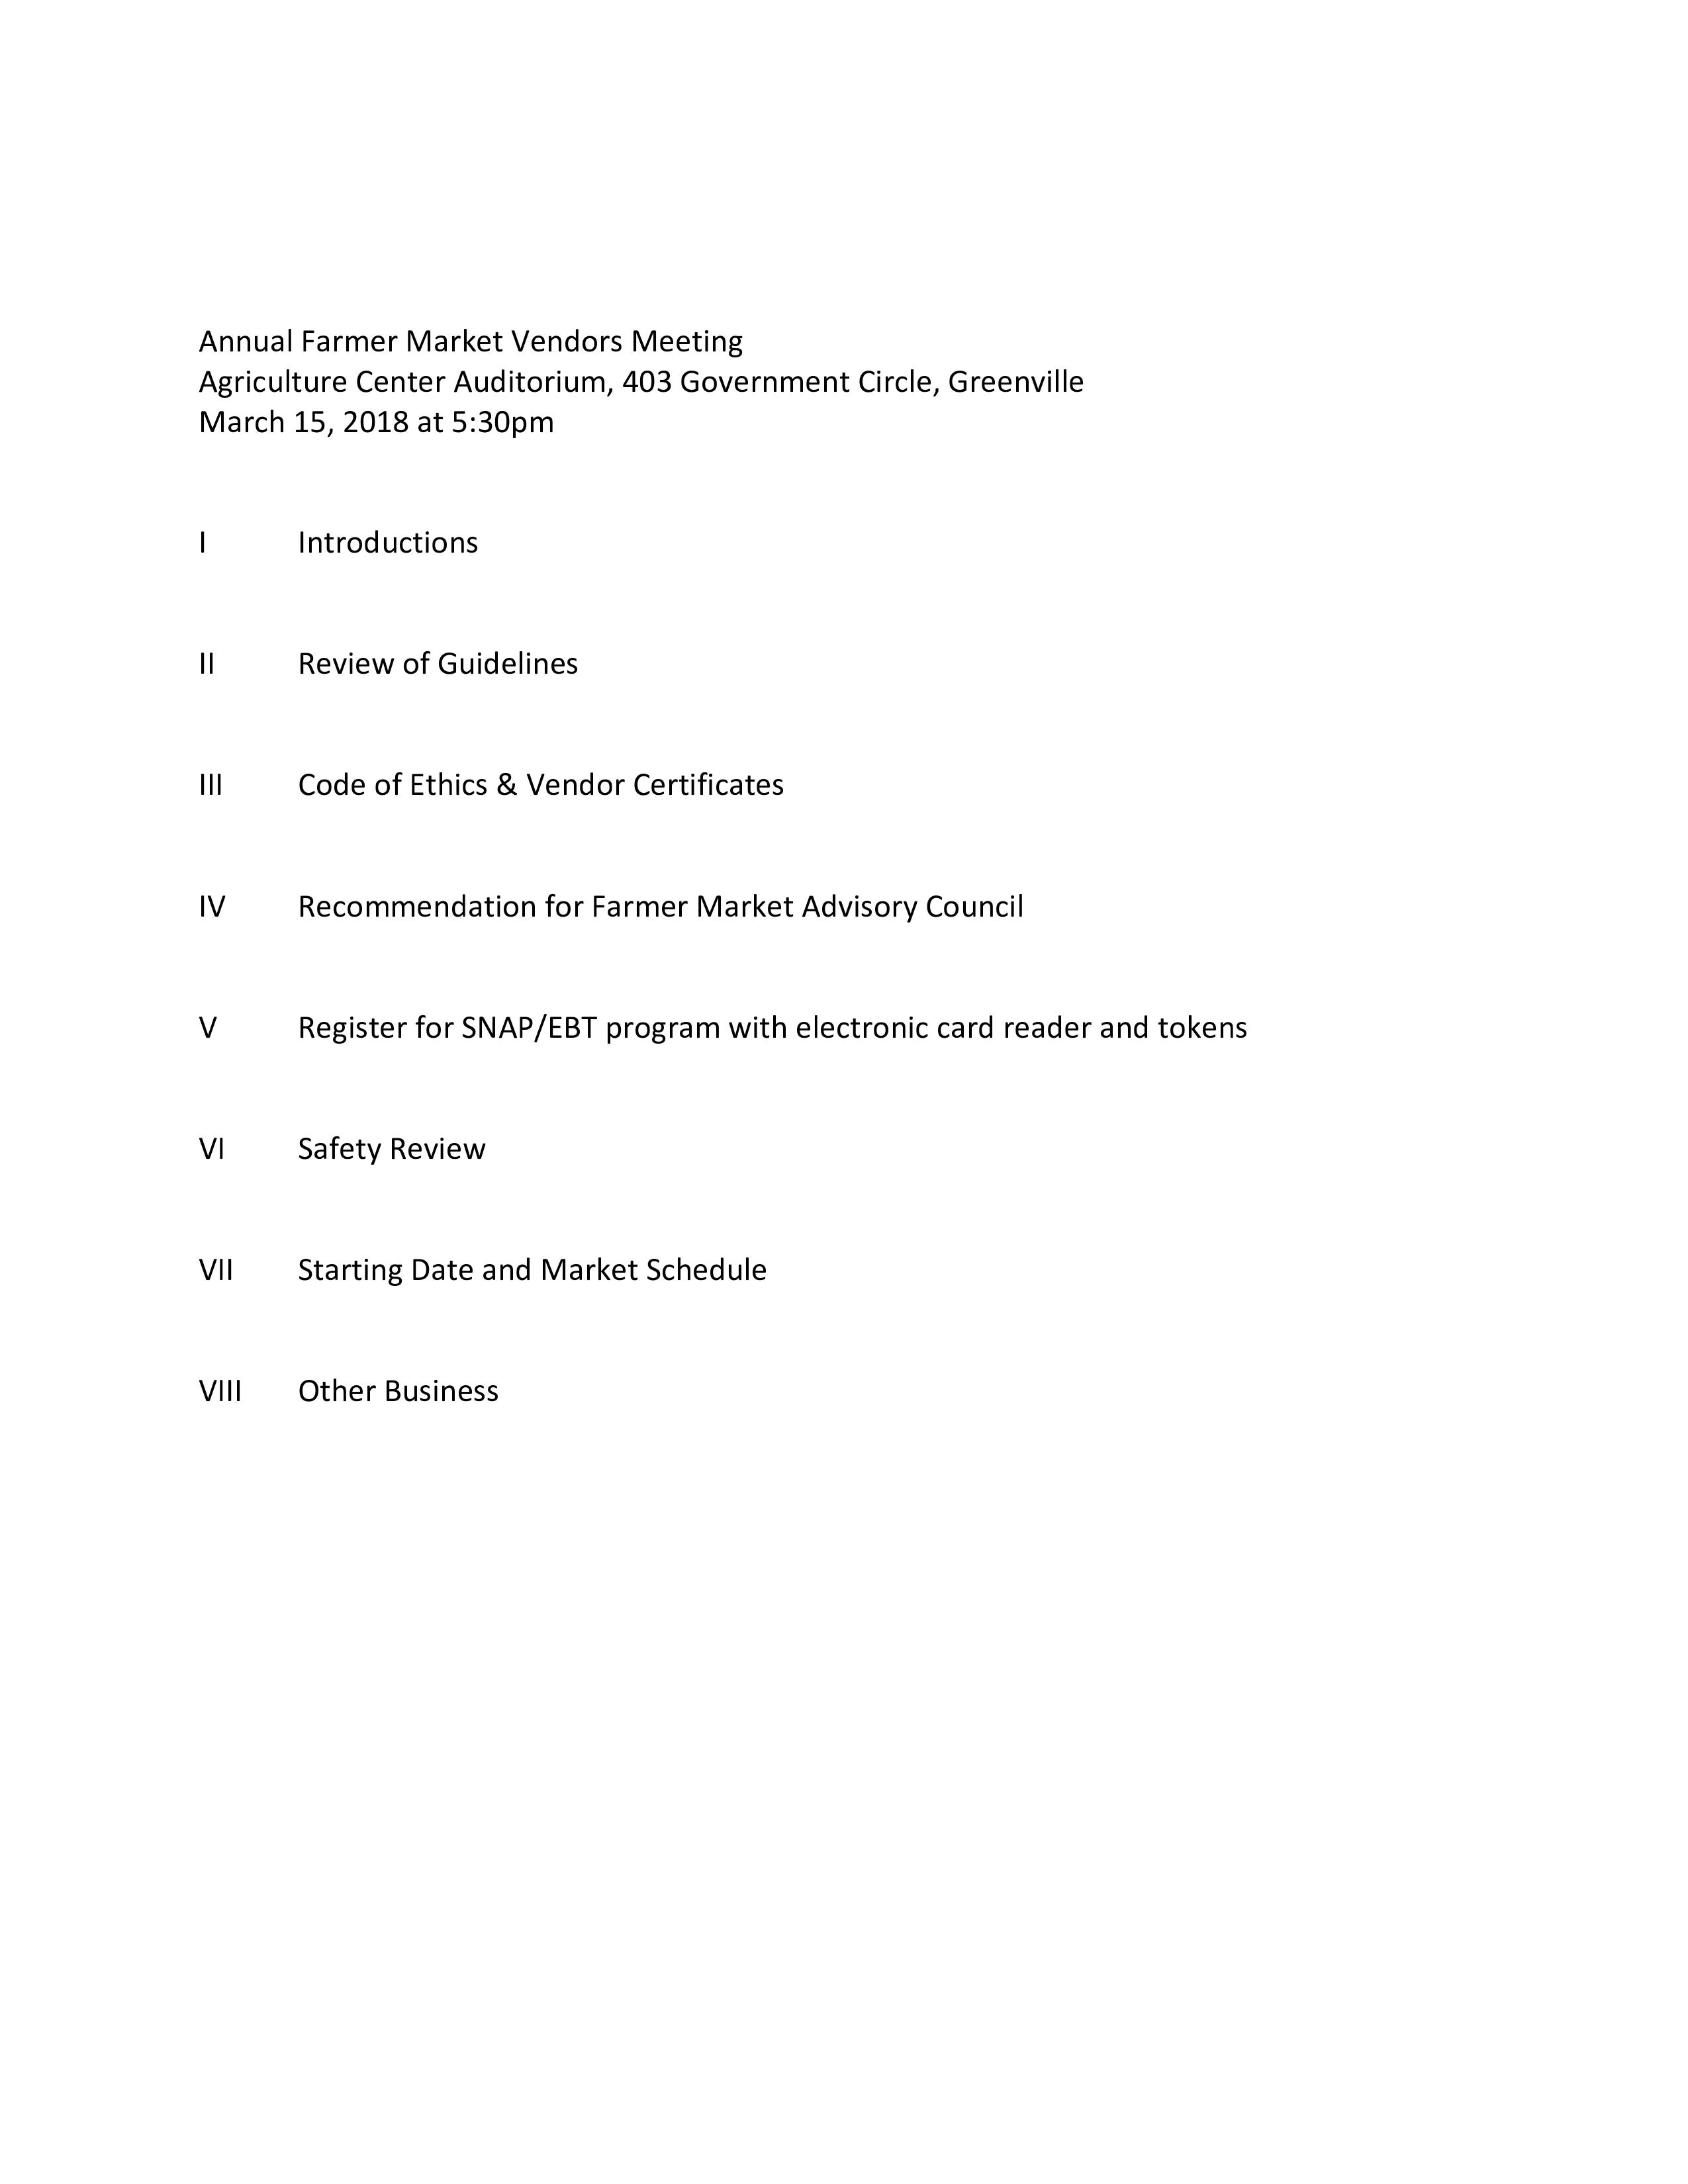 screenshot of vendor meeting agenda